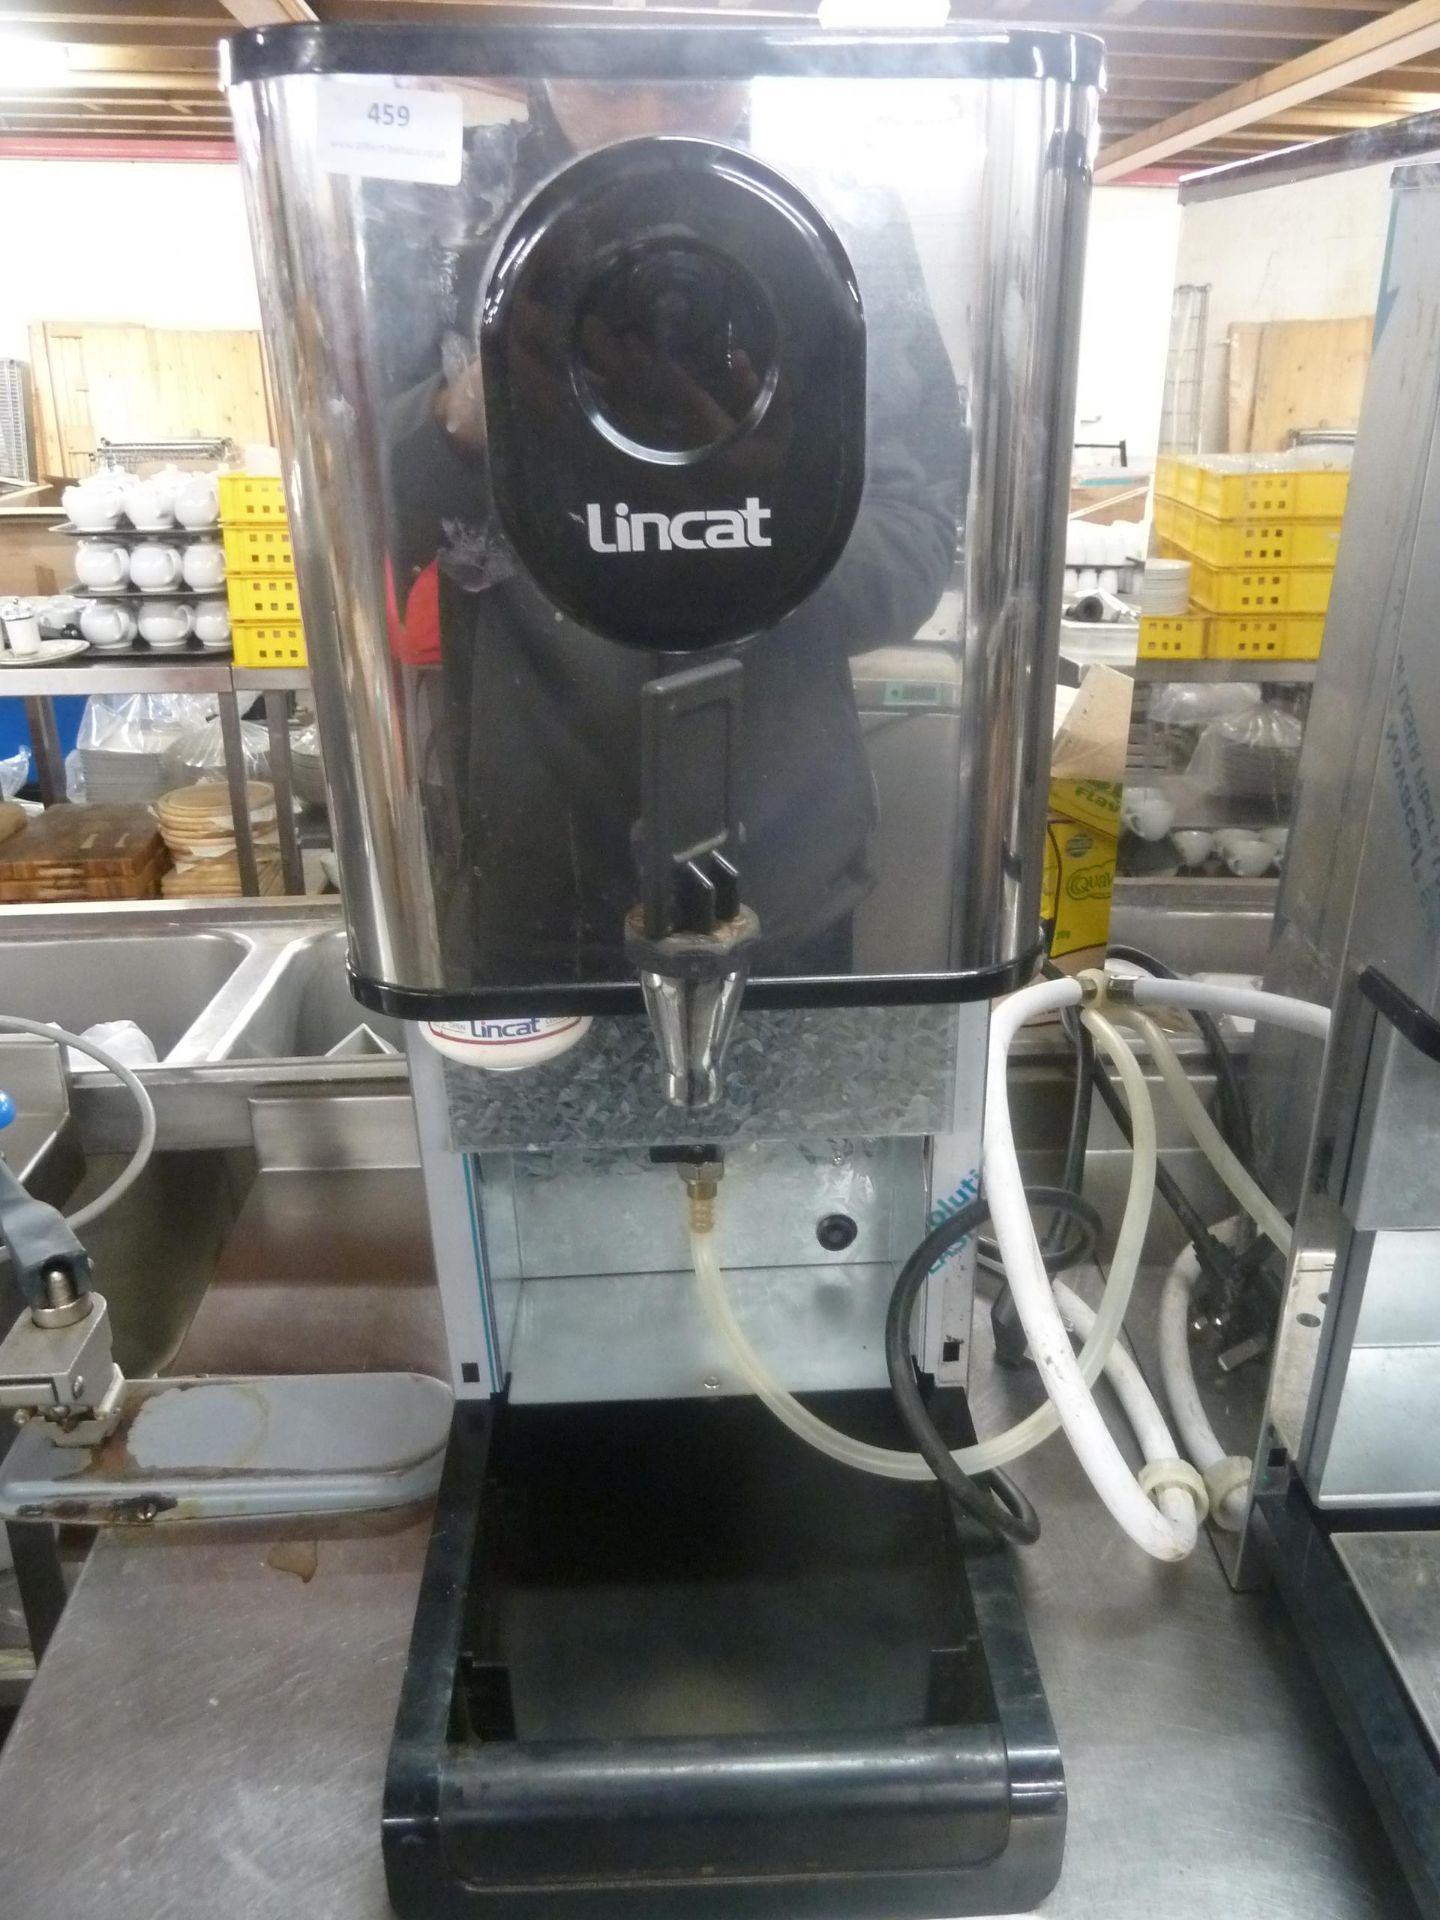 *Lincat hot water boiler